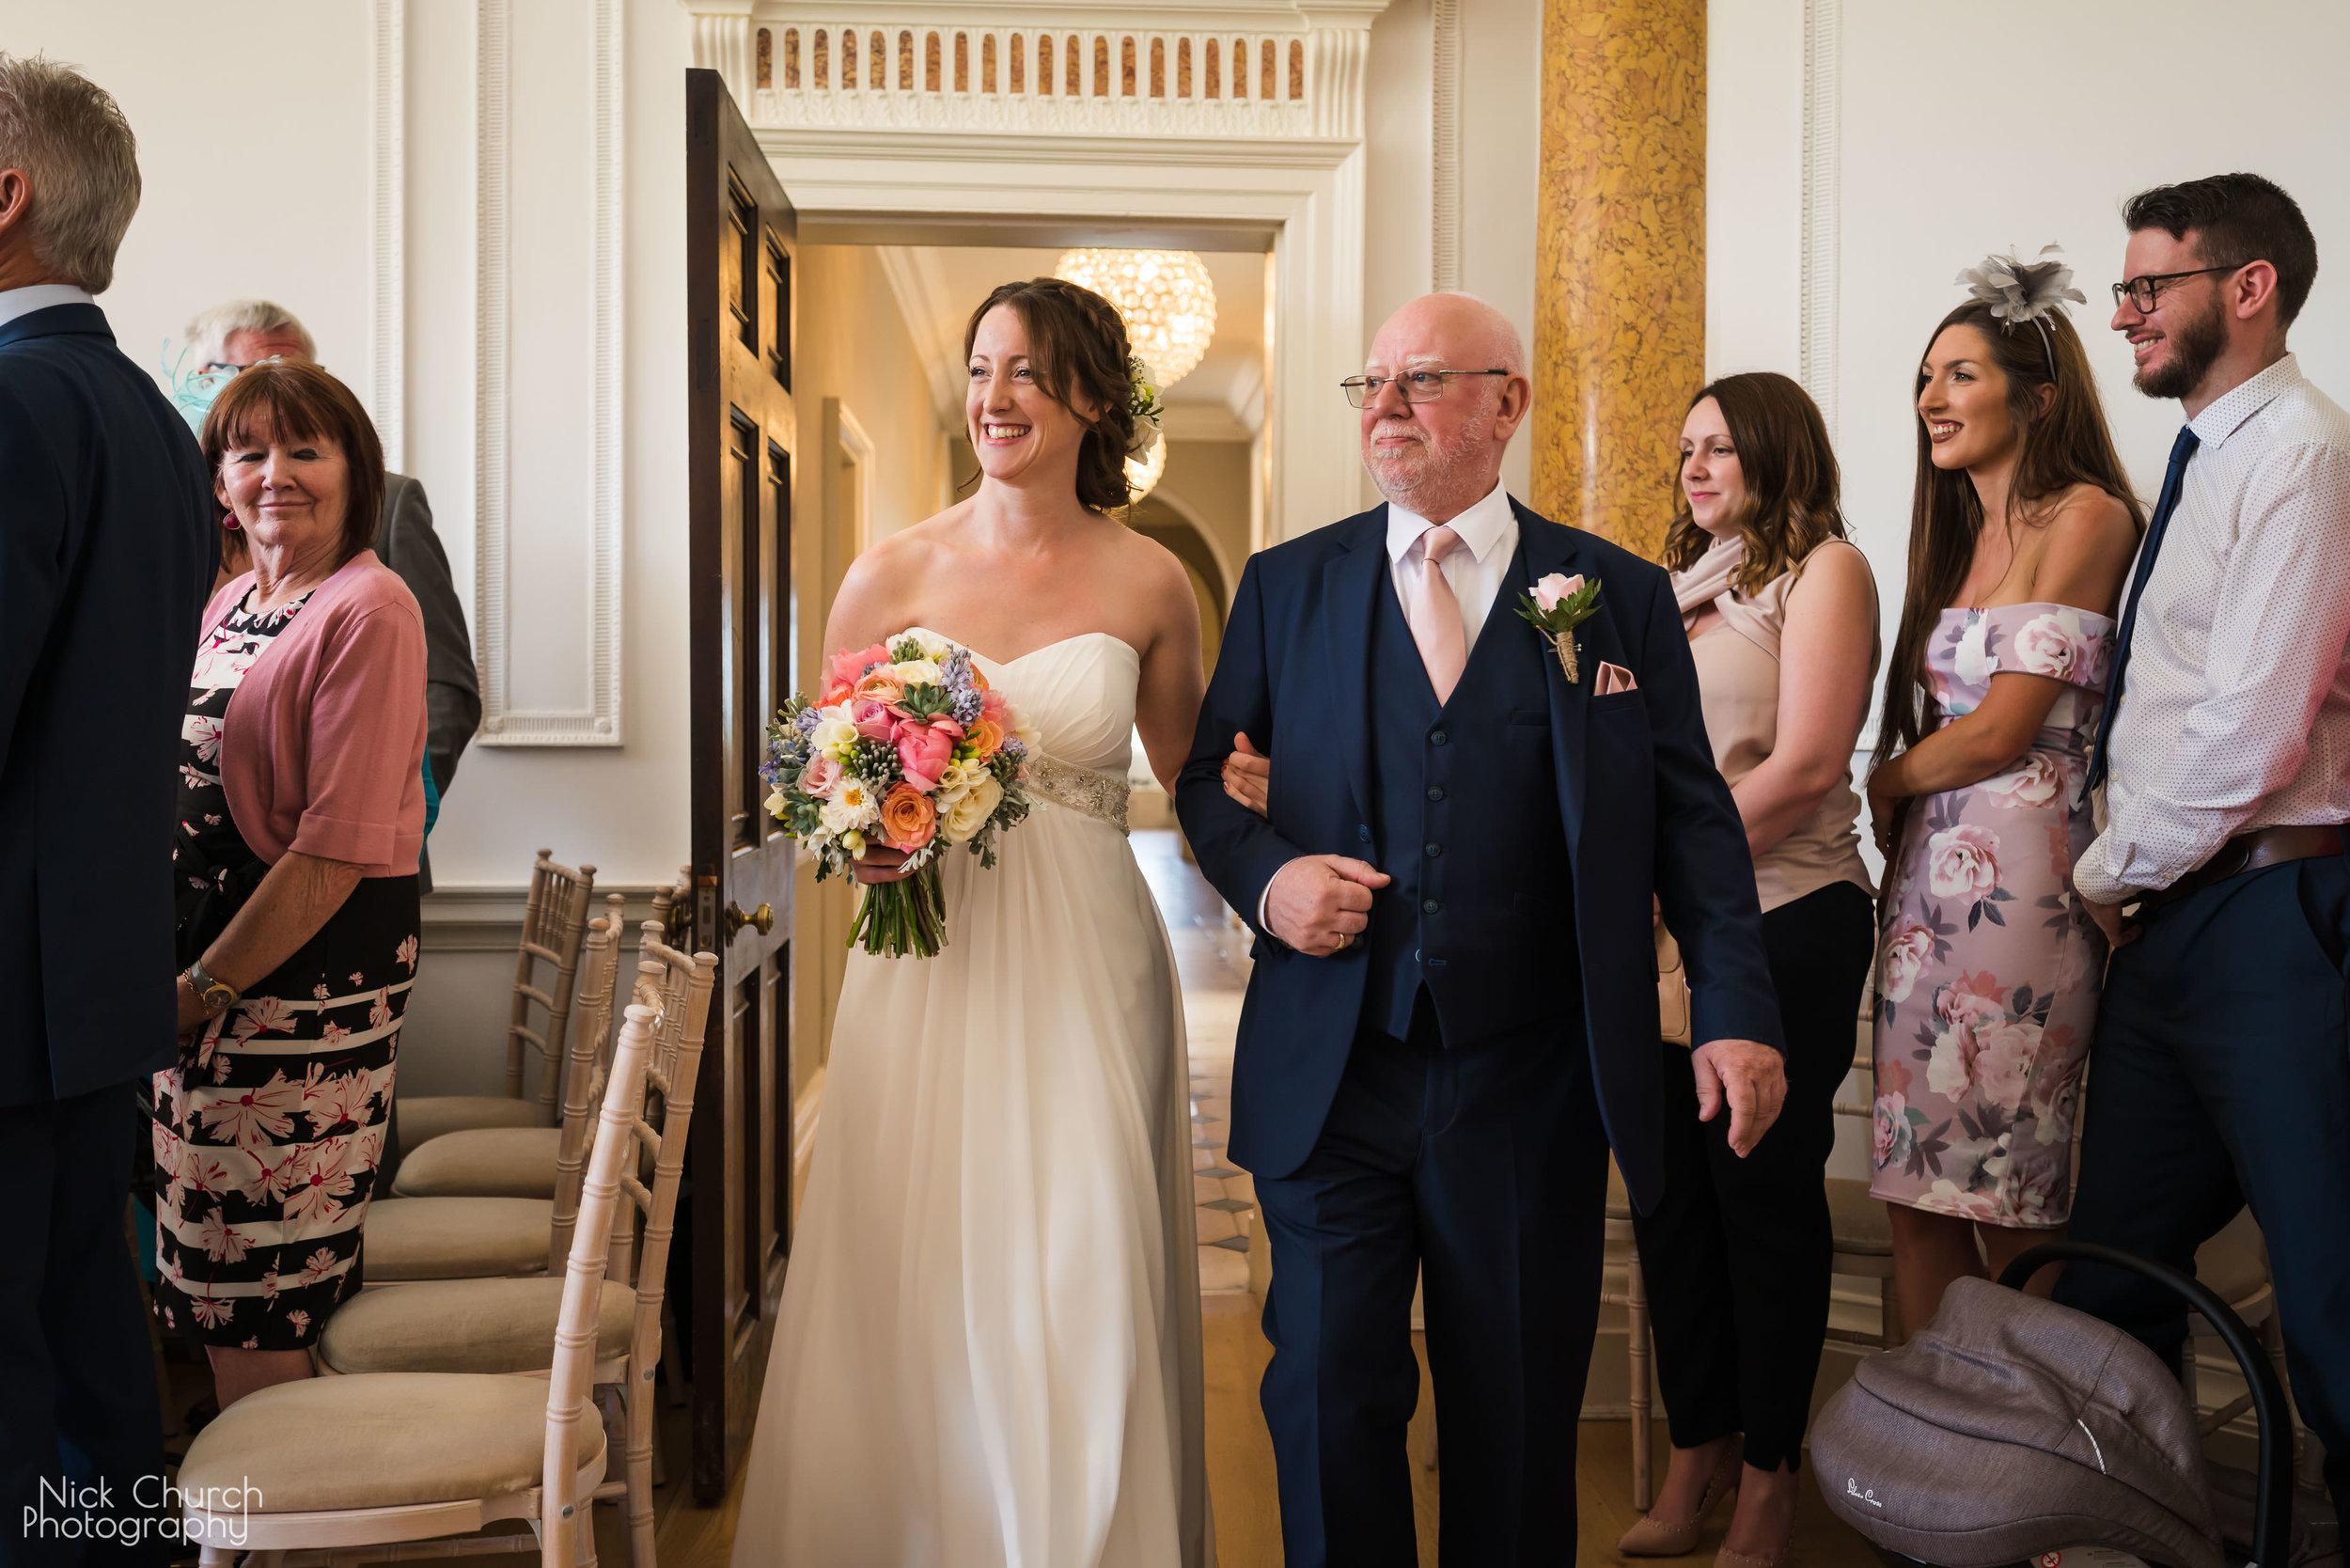 NC-2018-05-07-joanna-and-steve-wedding-0331.jpg